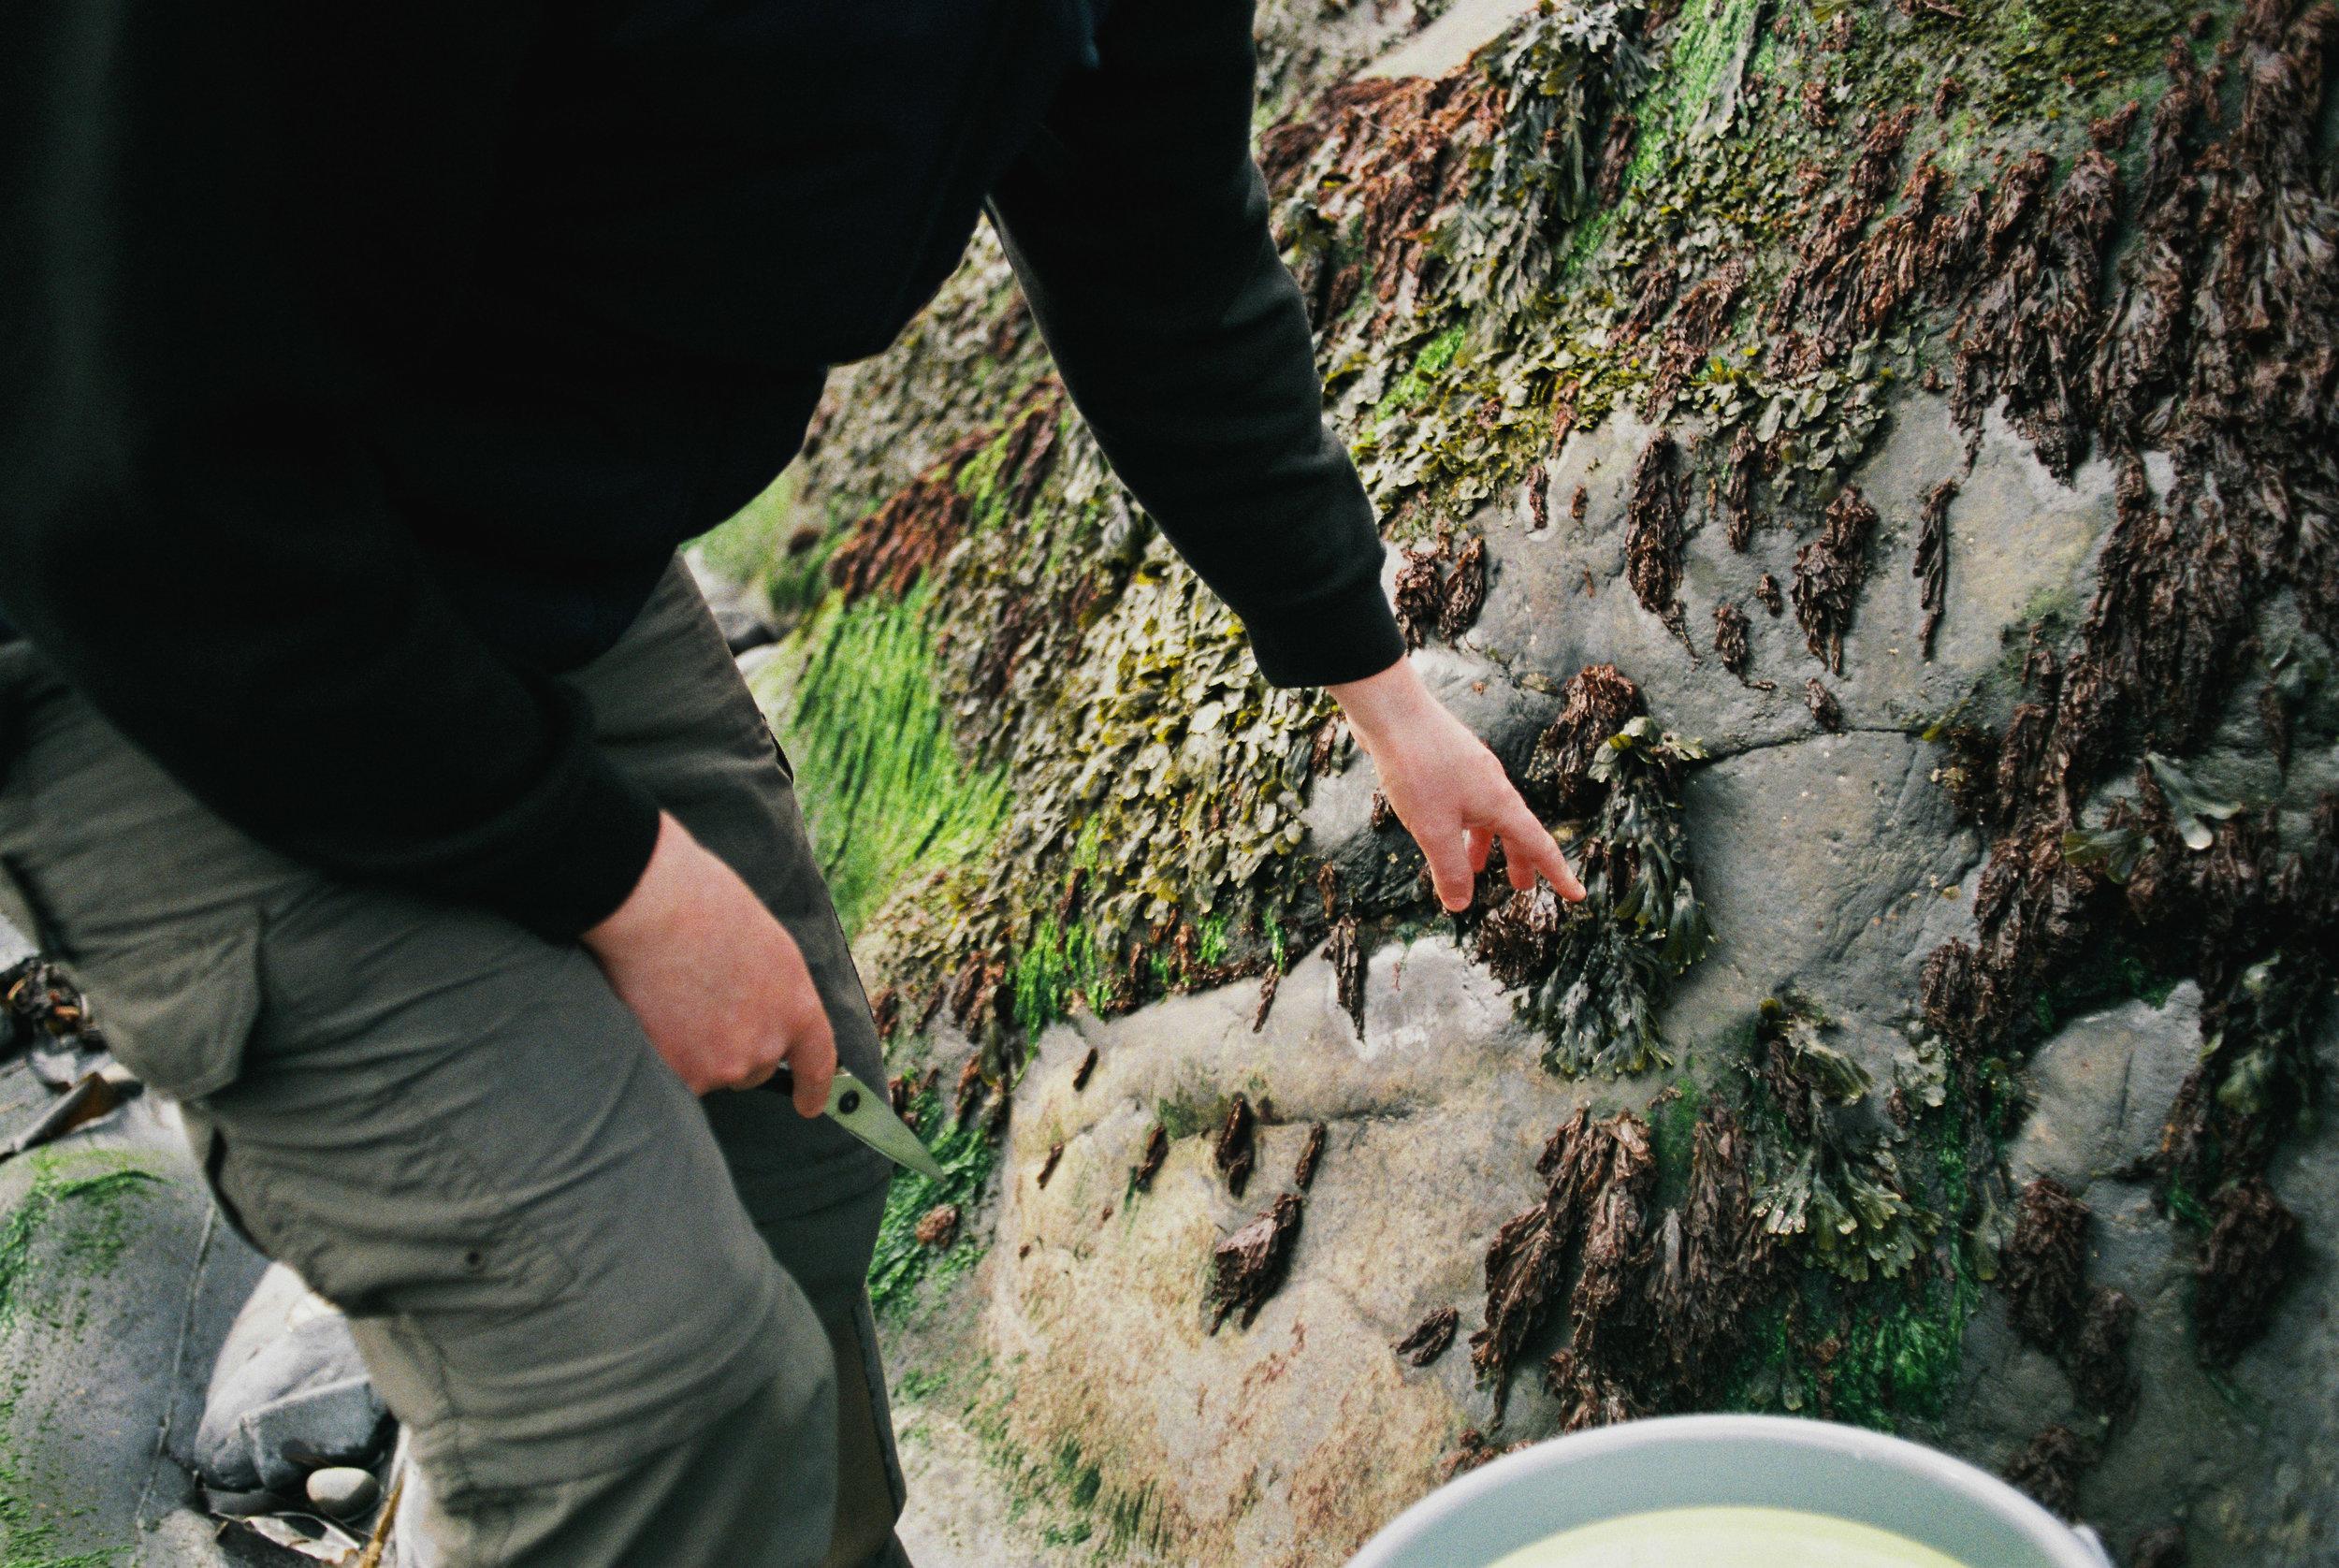 Seaweed-Foraging-Easdale-Duncan-Smallman.jpg